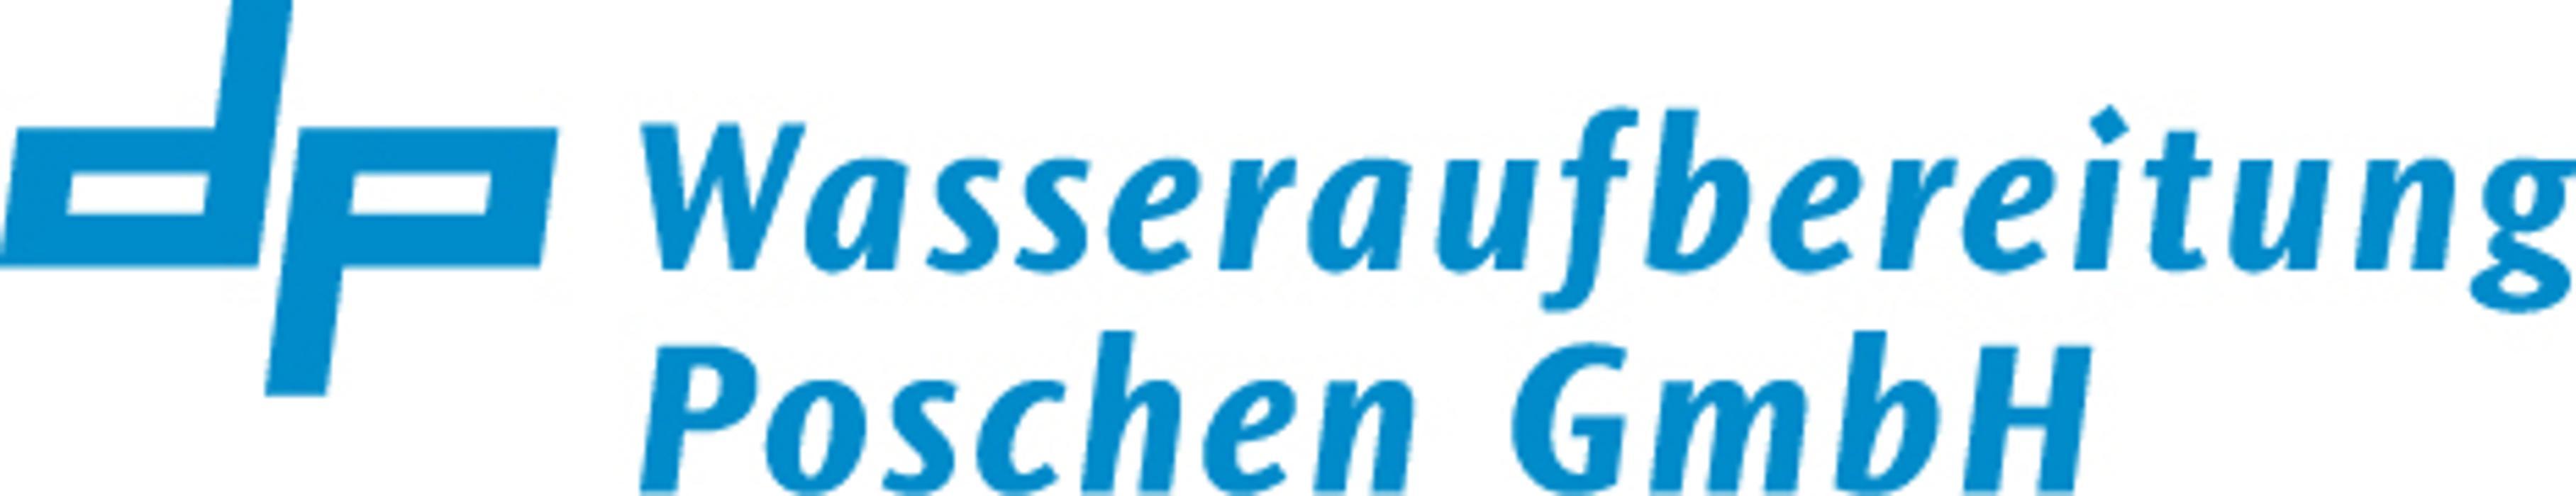 Bild zu dp Wasseraufbereitung Poschen GmbH in Solingen